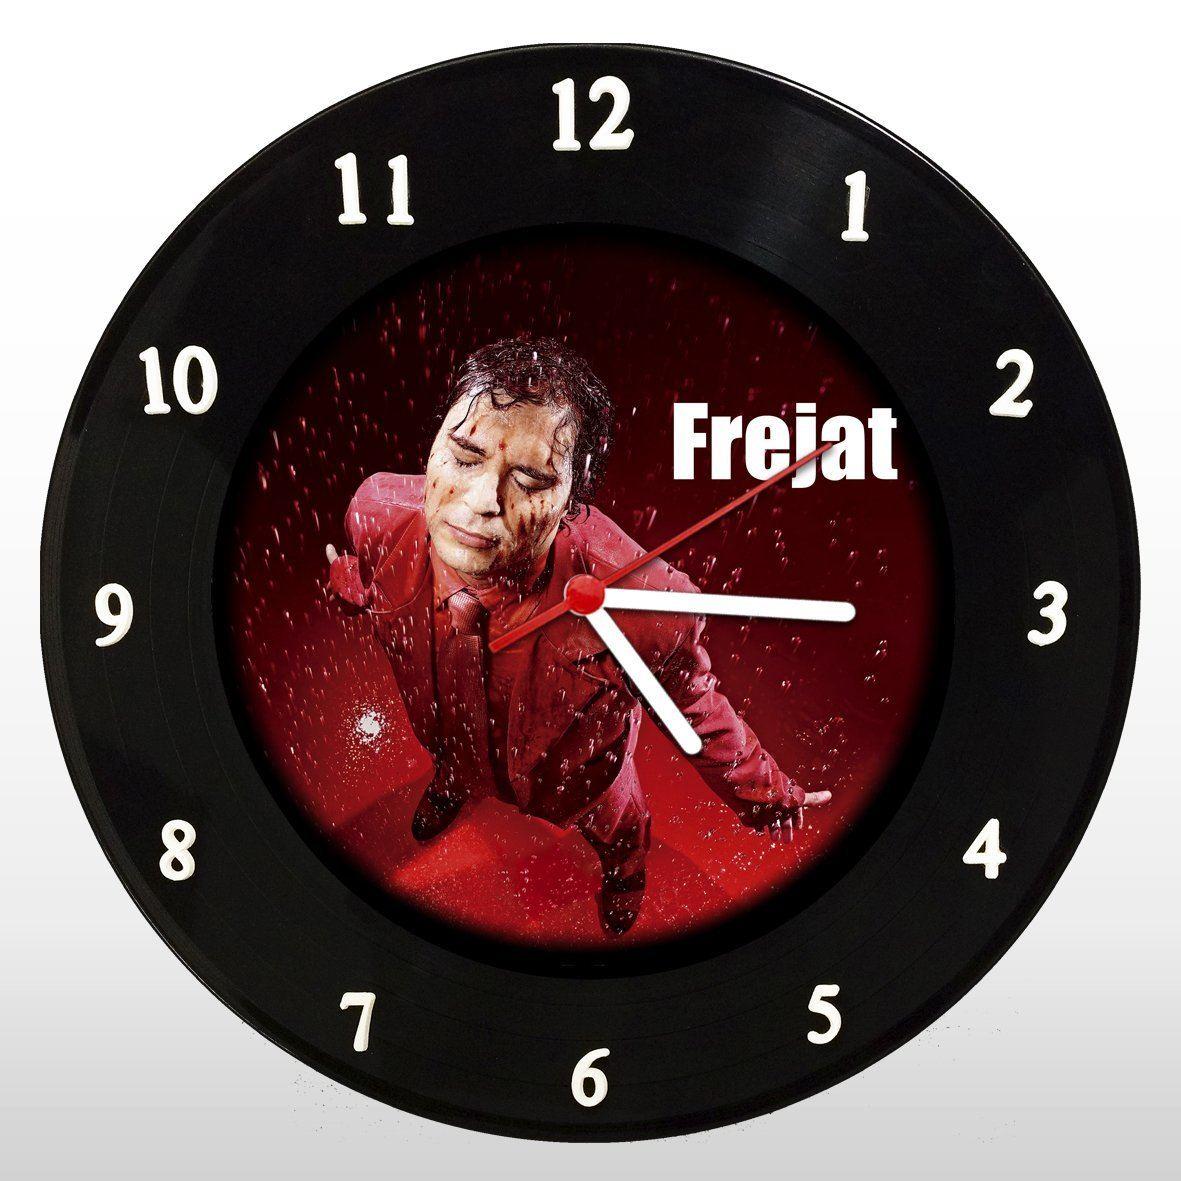 Frejat - Relógio de Parede em Disco de Vinil - Mr. Rock